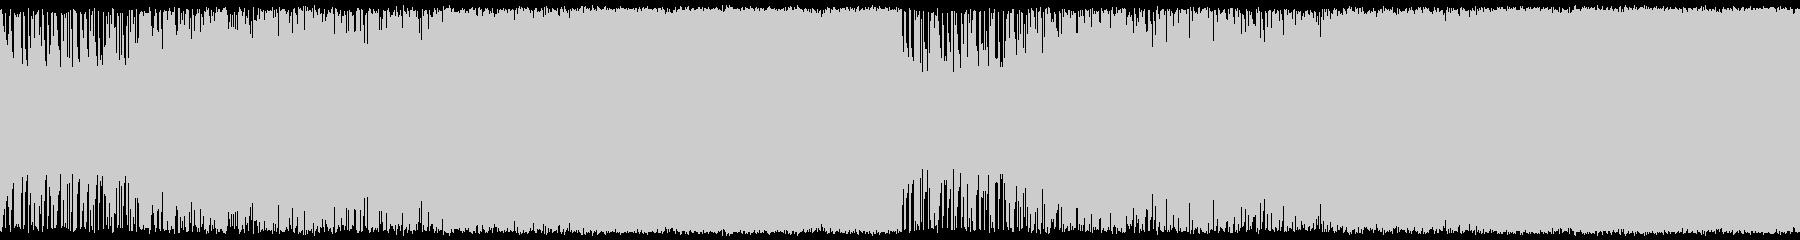 【ループ用】聴きやすさ重視のアップテン…の未再生の波形